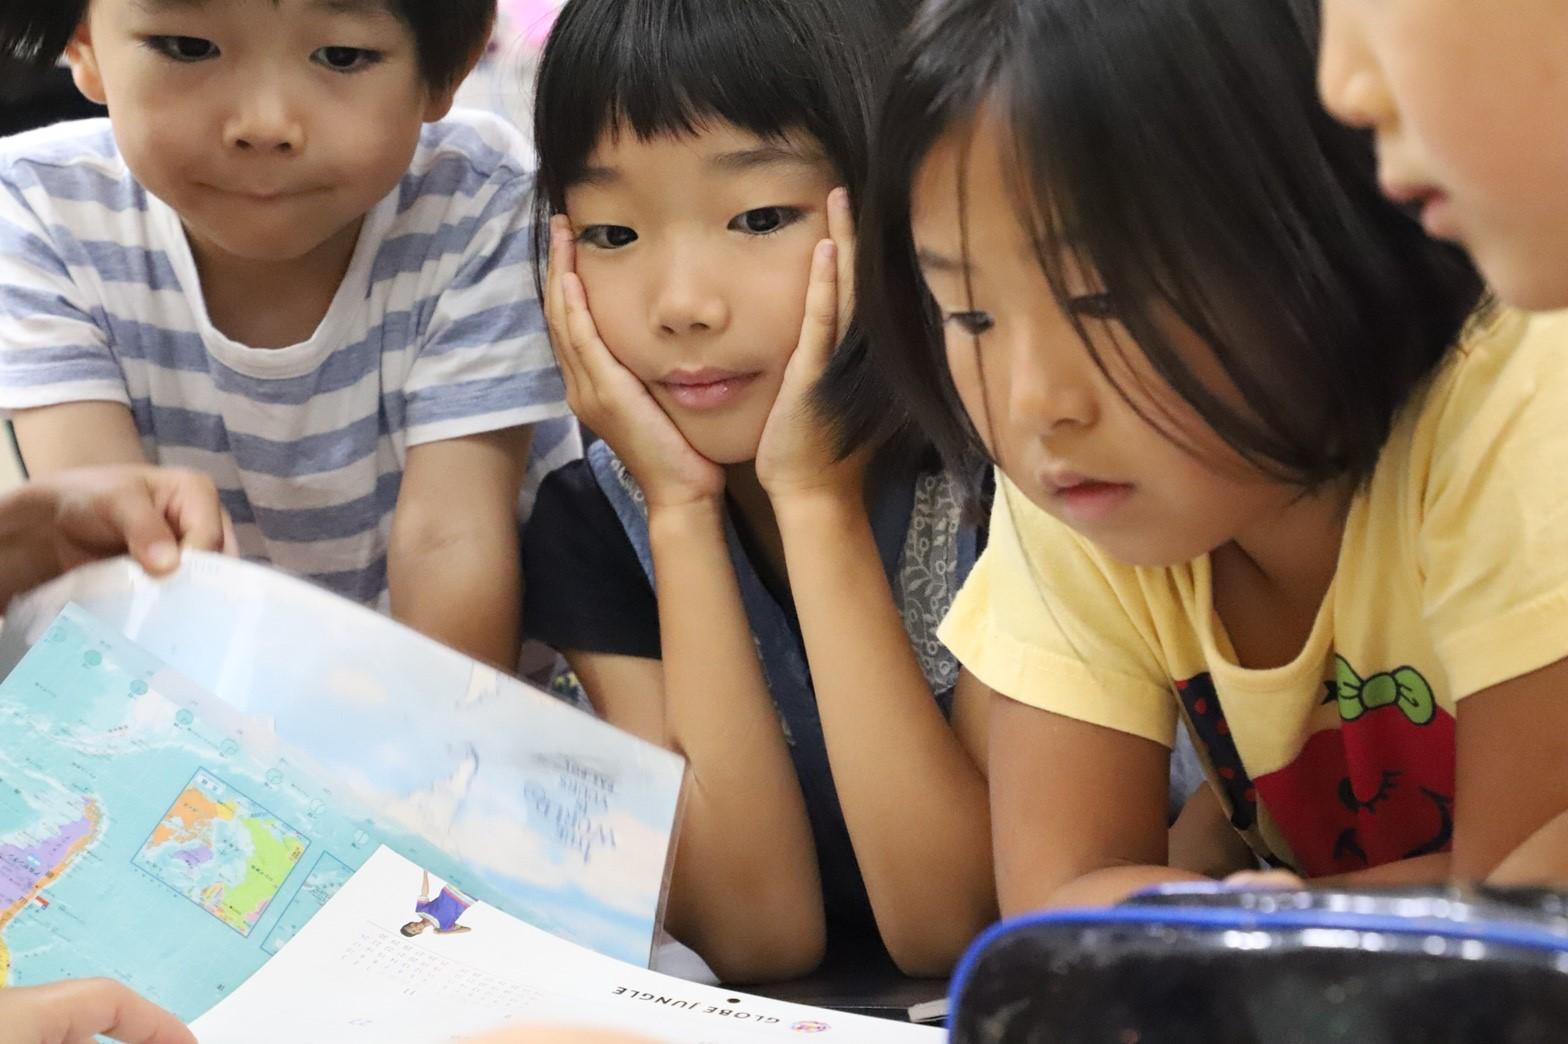 コドモクリエイターズインクを作った想い― 2050年の日本を元気にするために